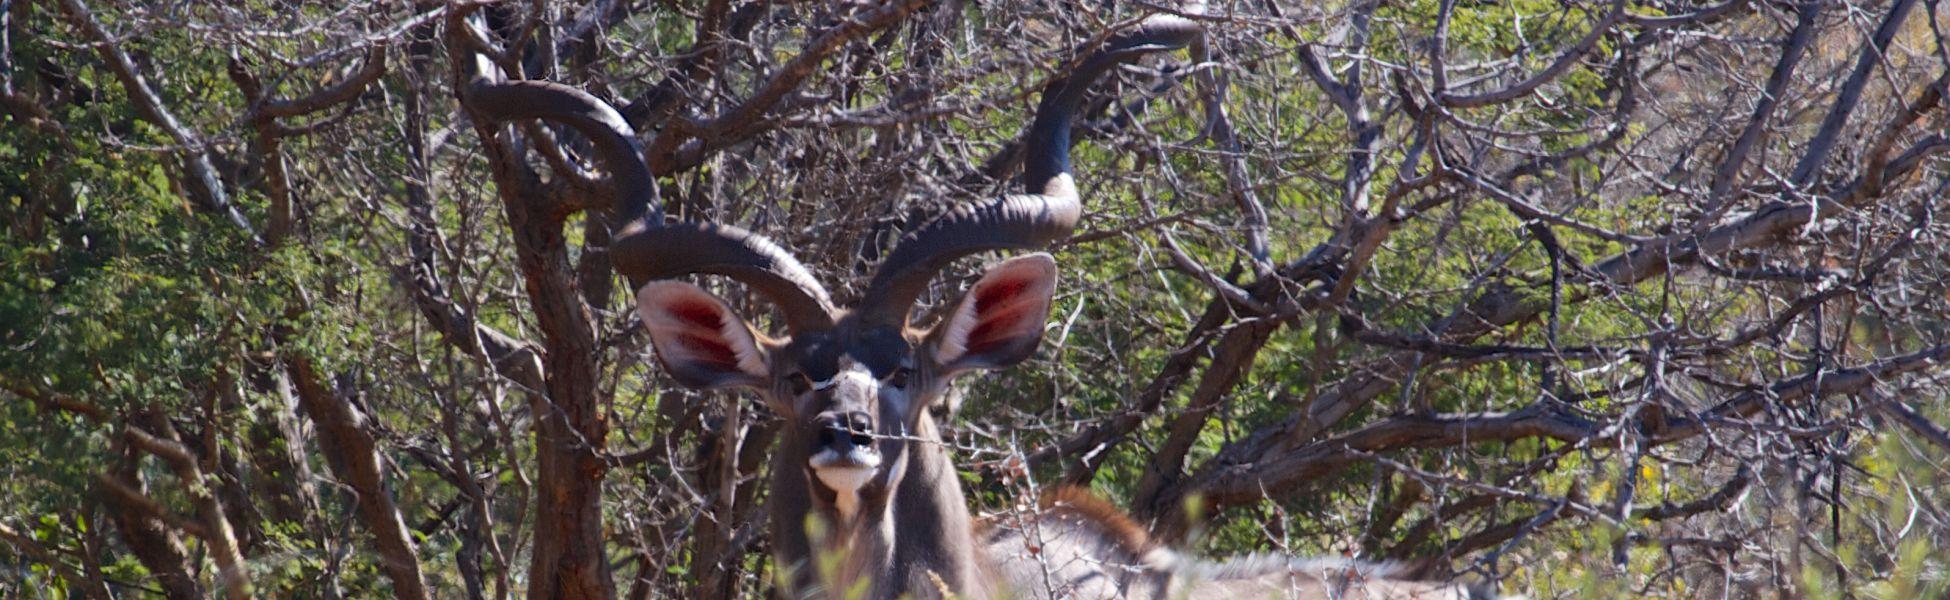 Kudu Header